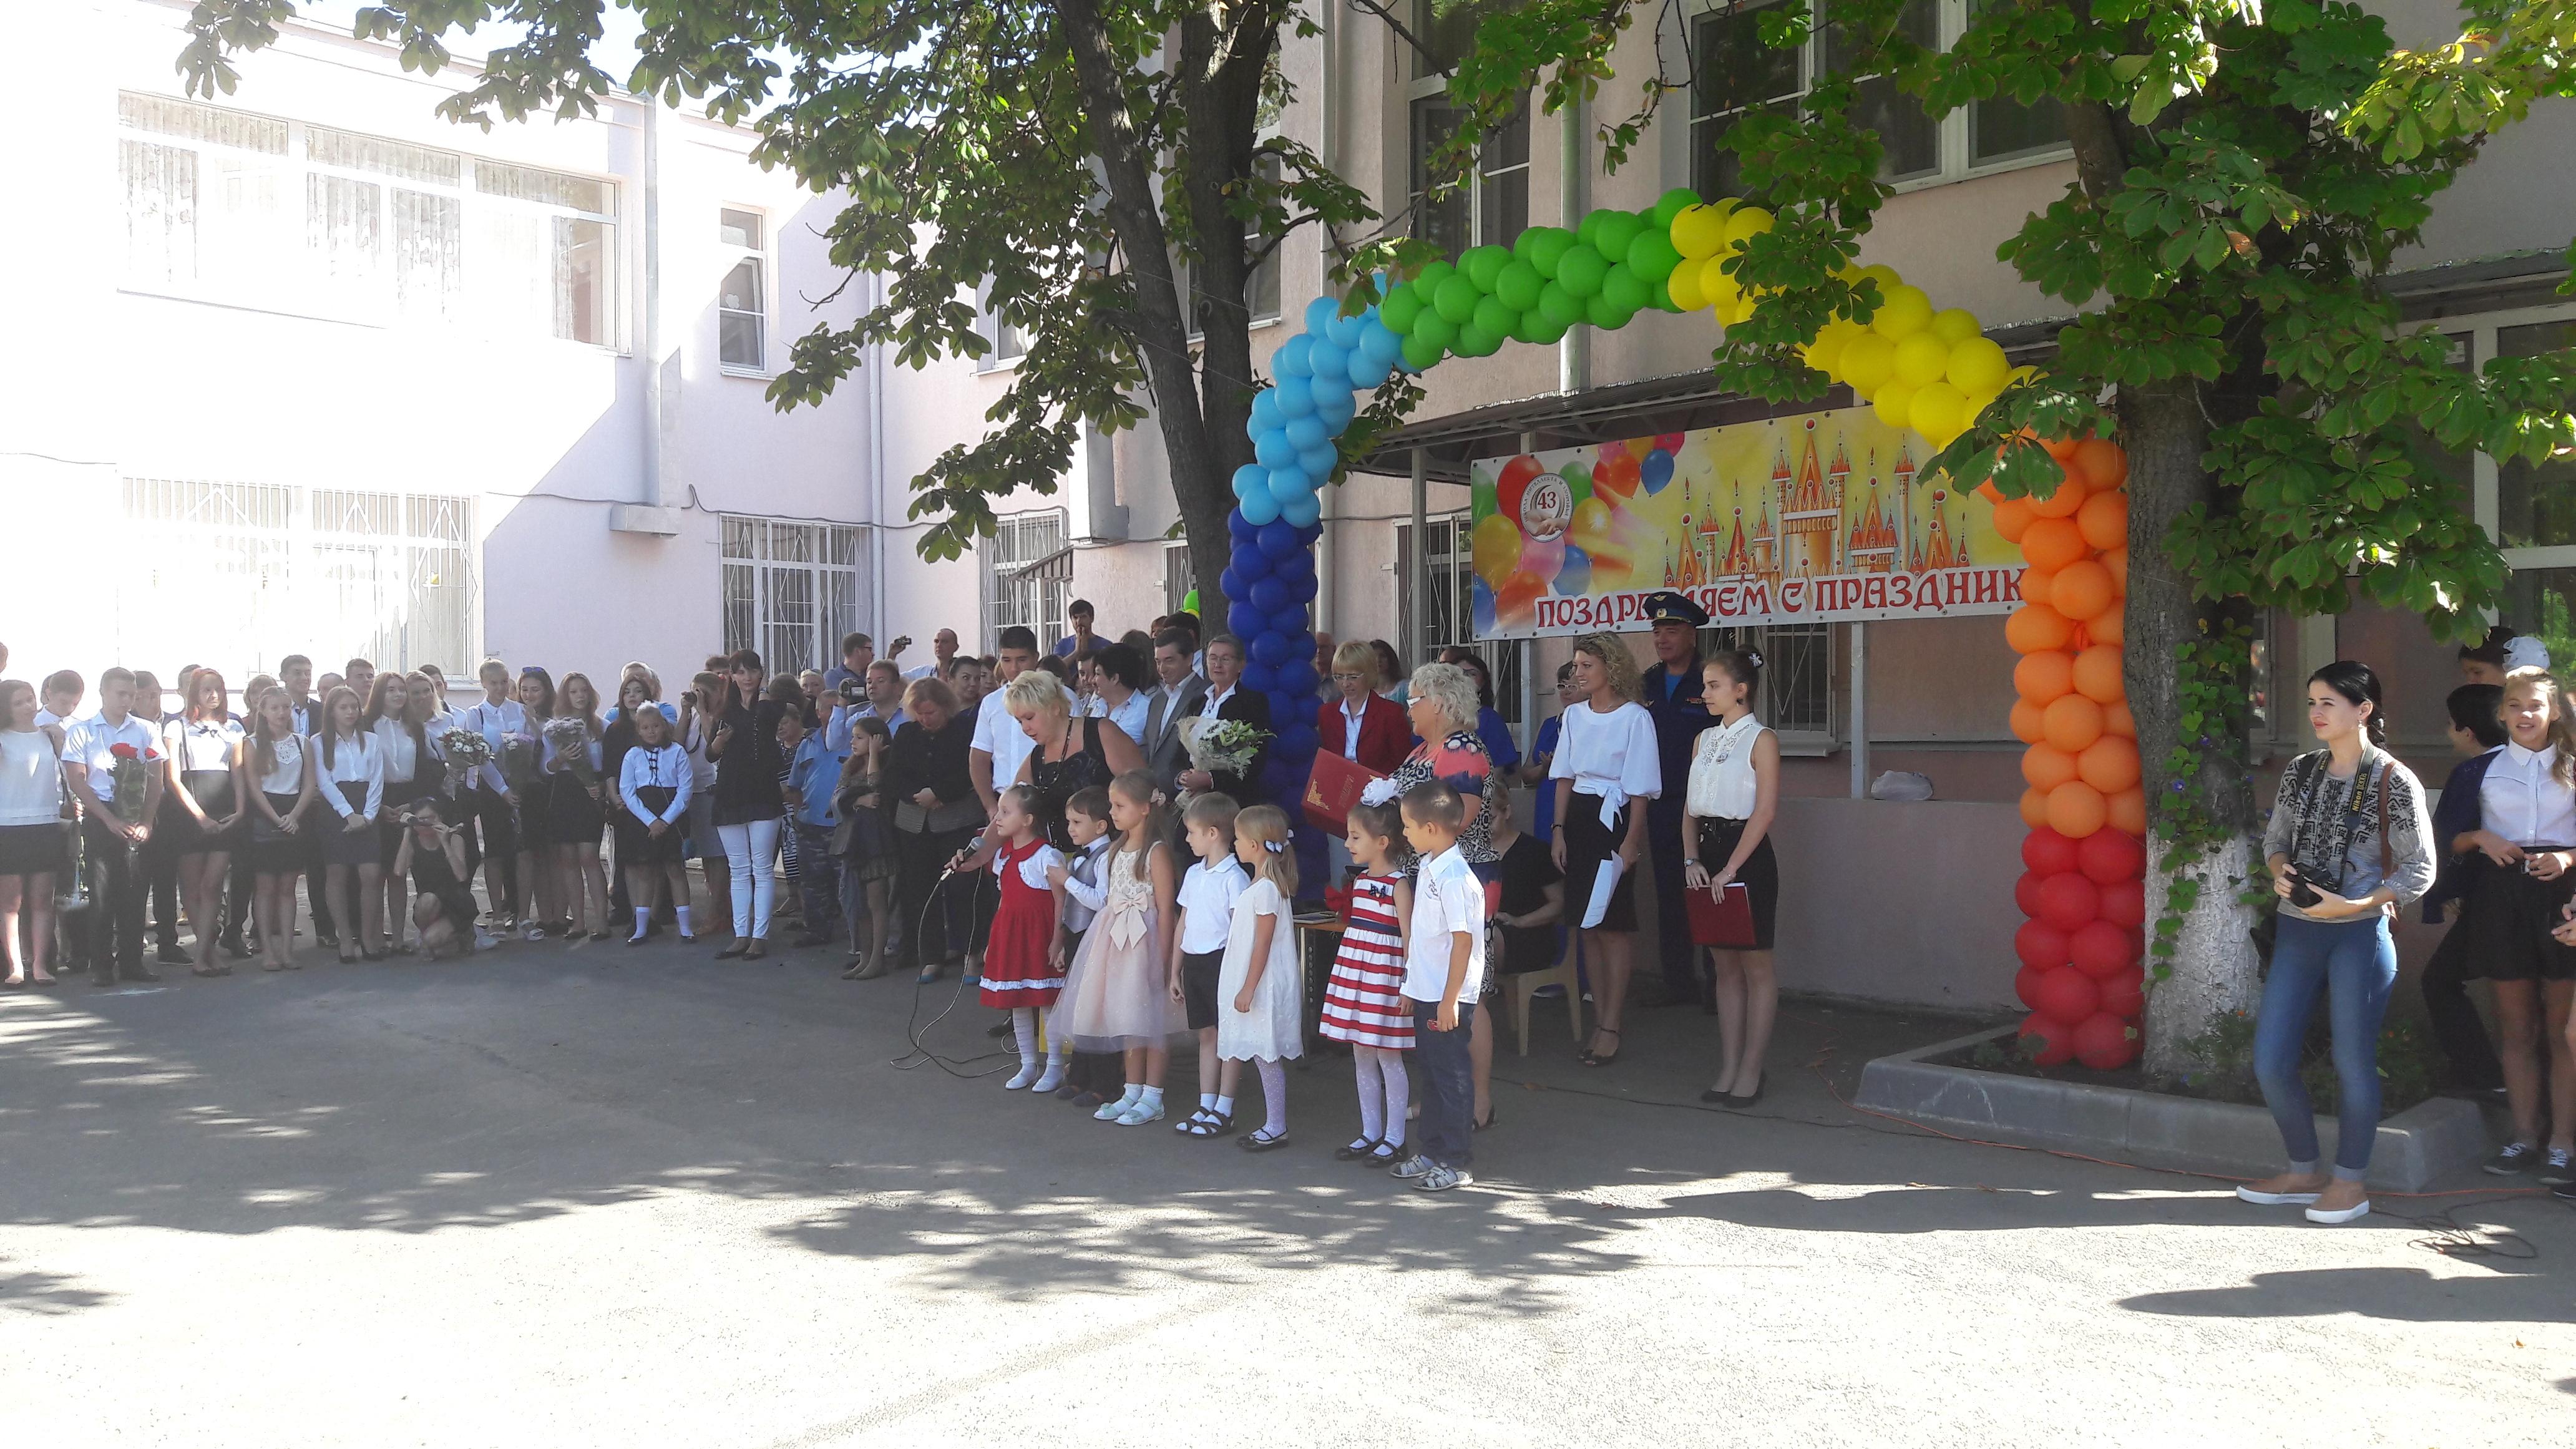 Первого сентября в детском саду прошел праздник посвященный «Дню знаний»